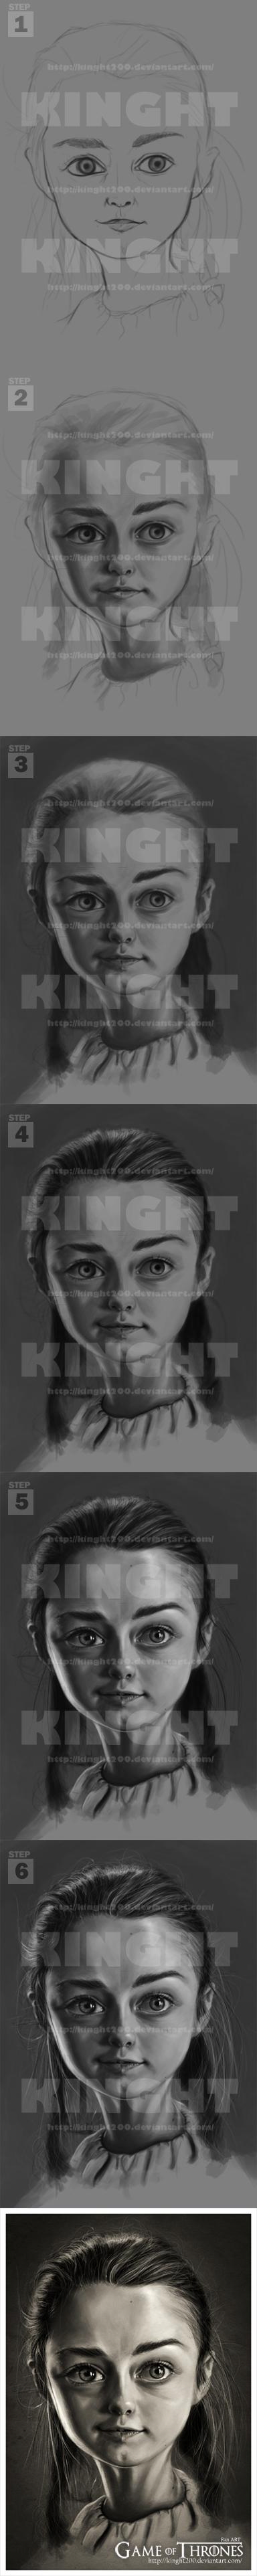 Kinght, un poquillo de 2D-kinght_arya_mkof.jpg